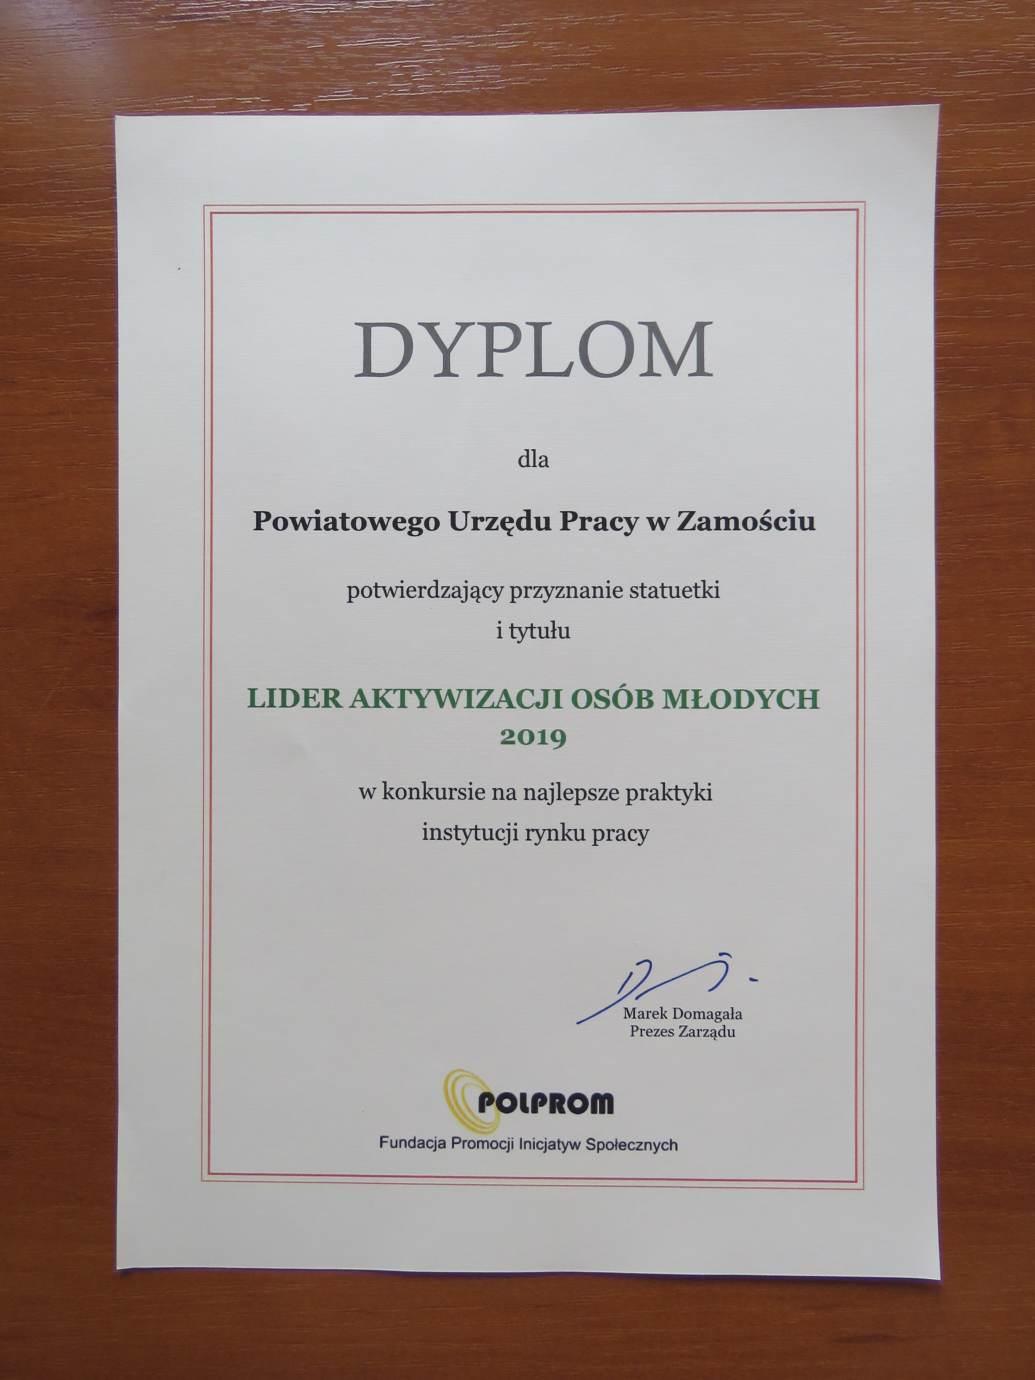 dyplom lidera aktywizacji osob mlodych Nagroda dla PUP Zamość